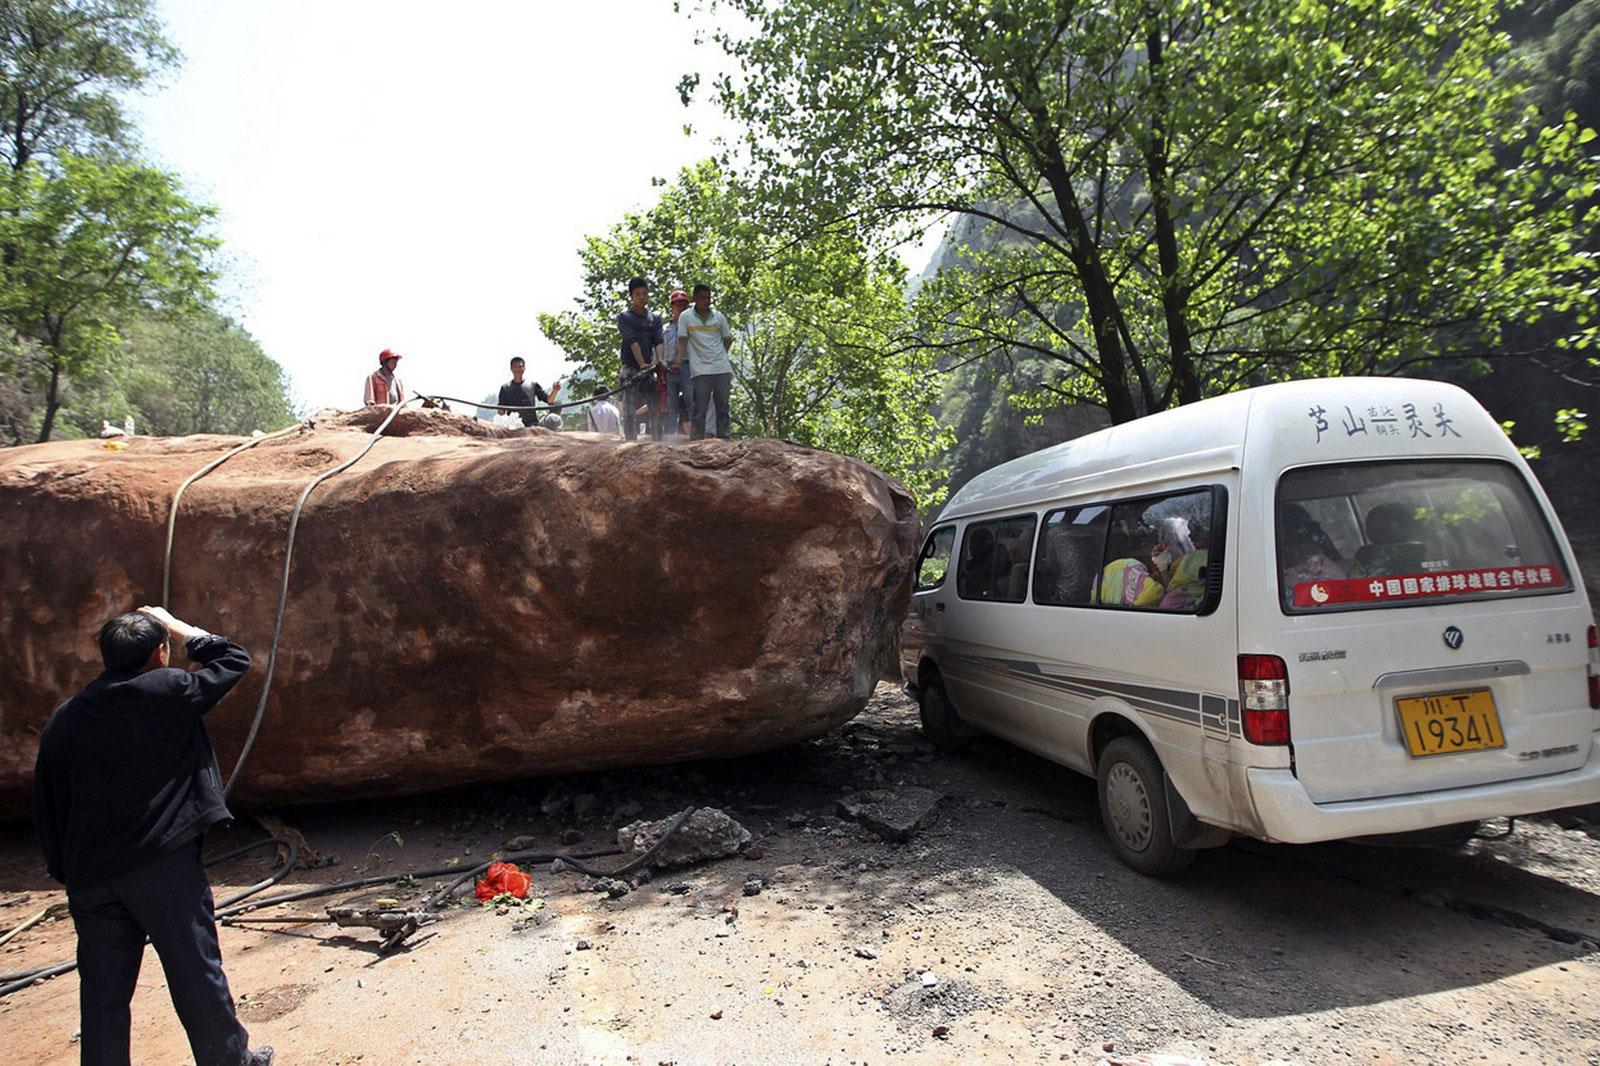 огромный валун на дороге, фото